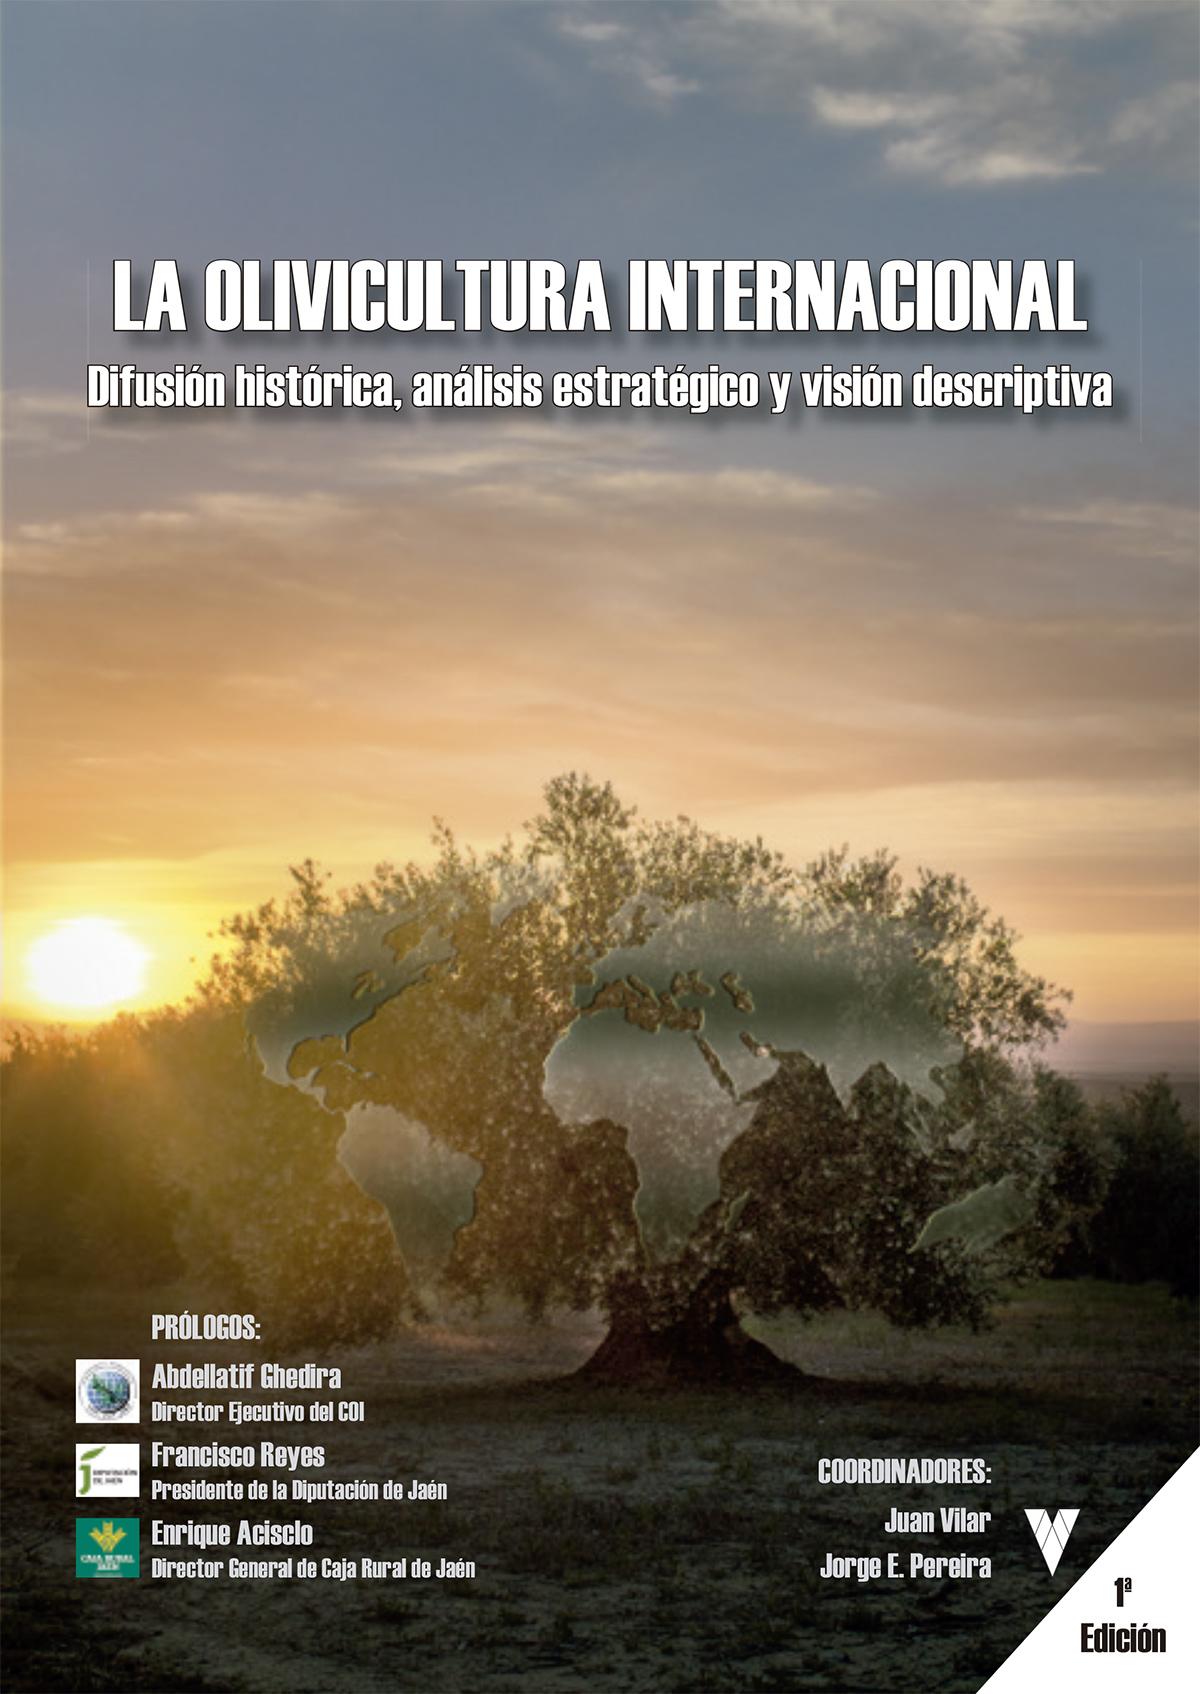 La olivicultura internacional. Difusión histórica, análisis estratégico y visión descriptiva